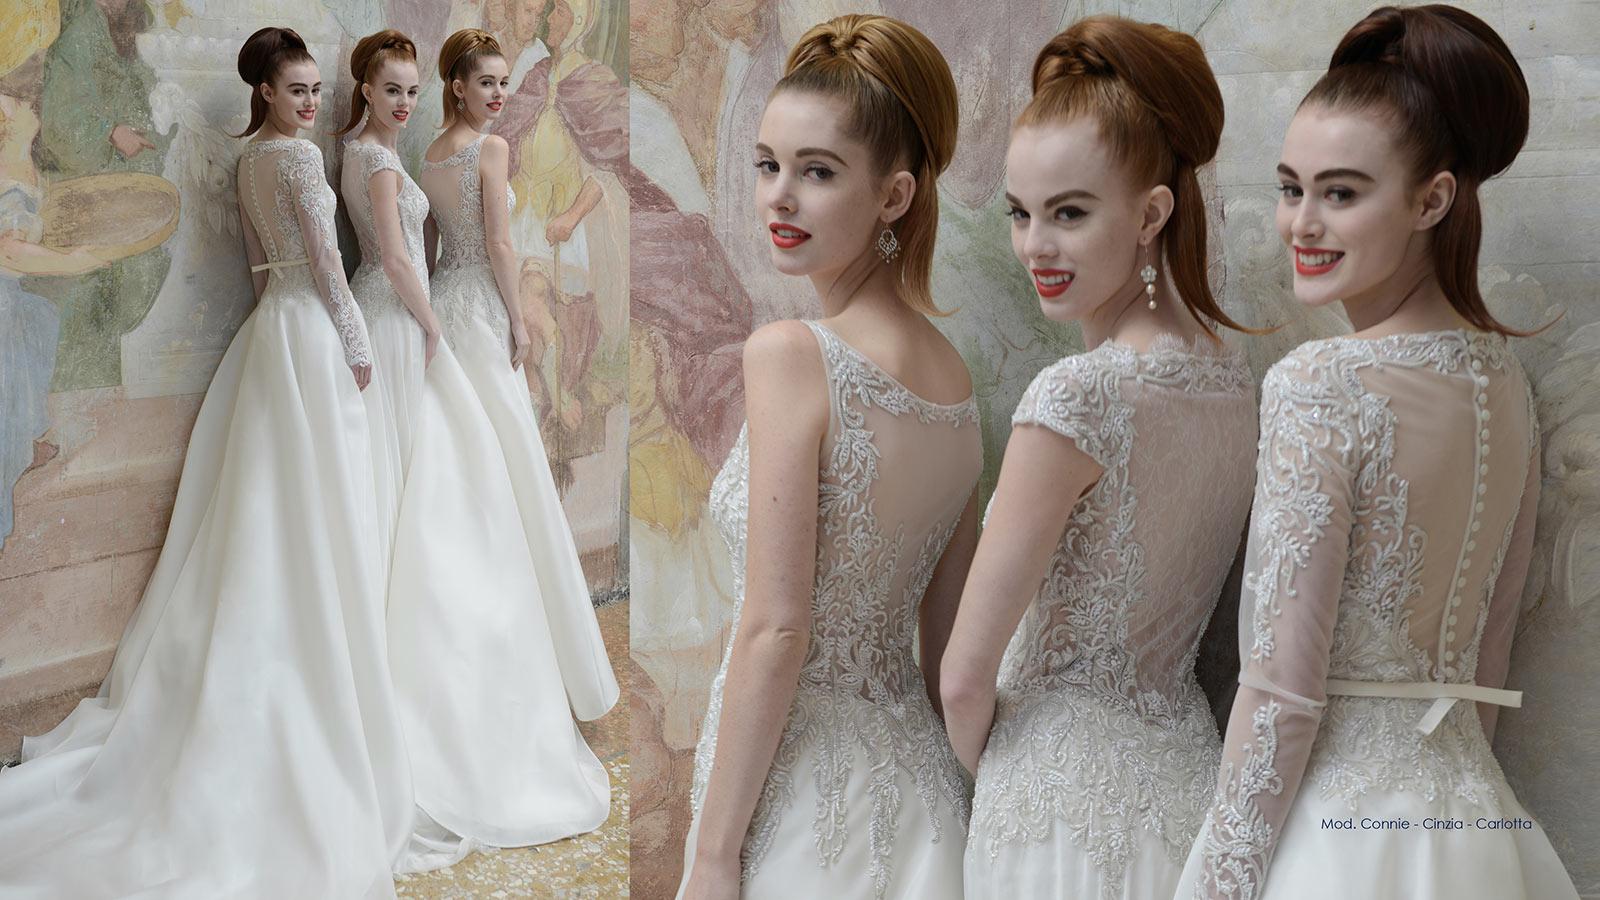 87c7a19afd7a1 Atelier Aimee collezione 2015 abiti sposa (5)